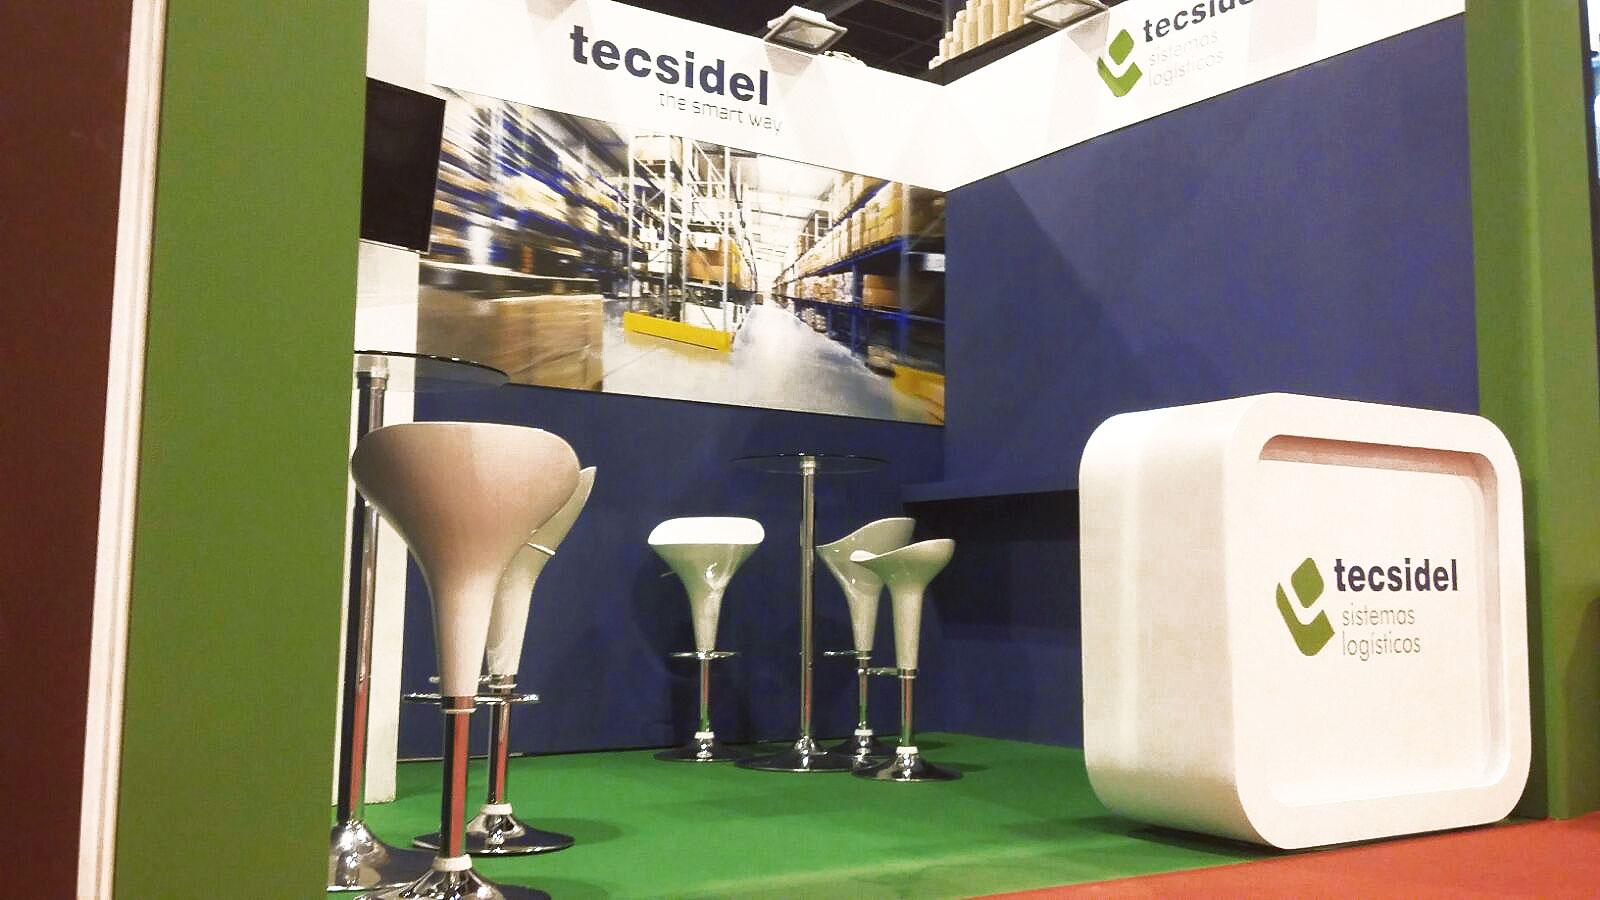 tecsidel 23 - TECSIDEL at LOGISTCS & DISTRIBUTION fair in Madrid